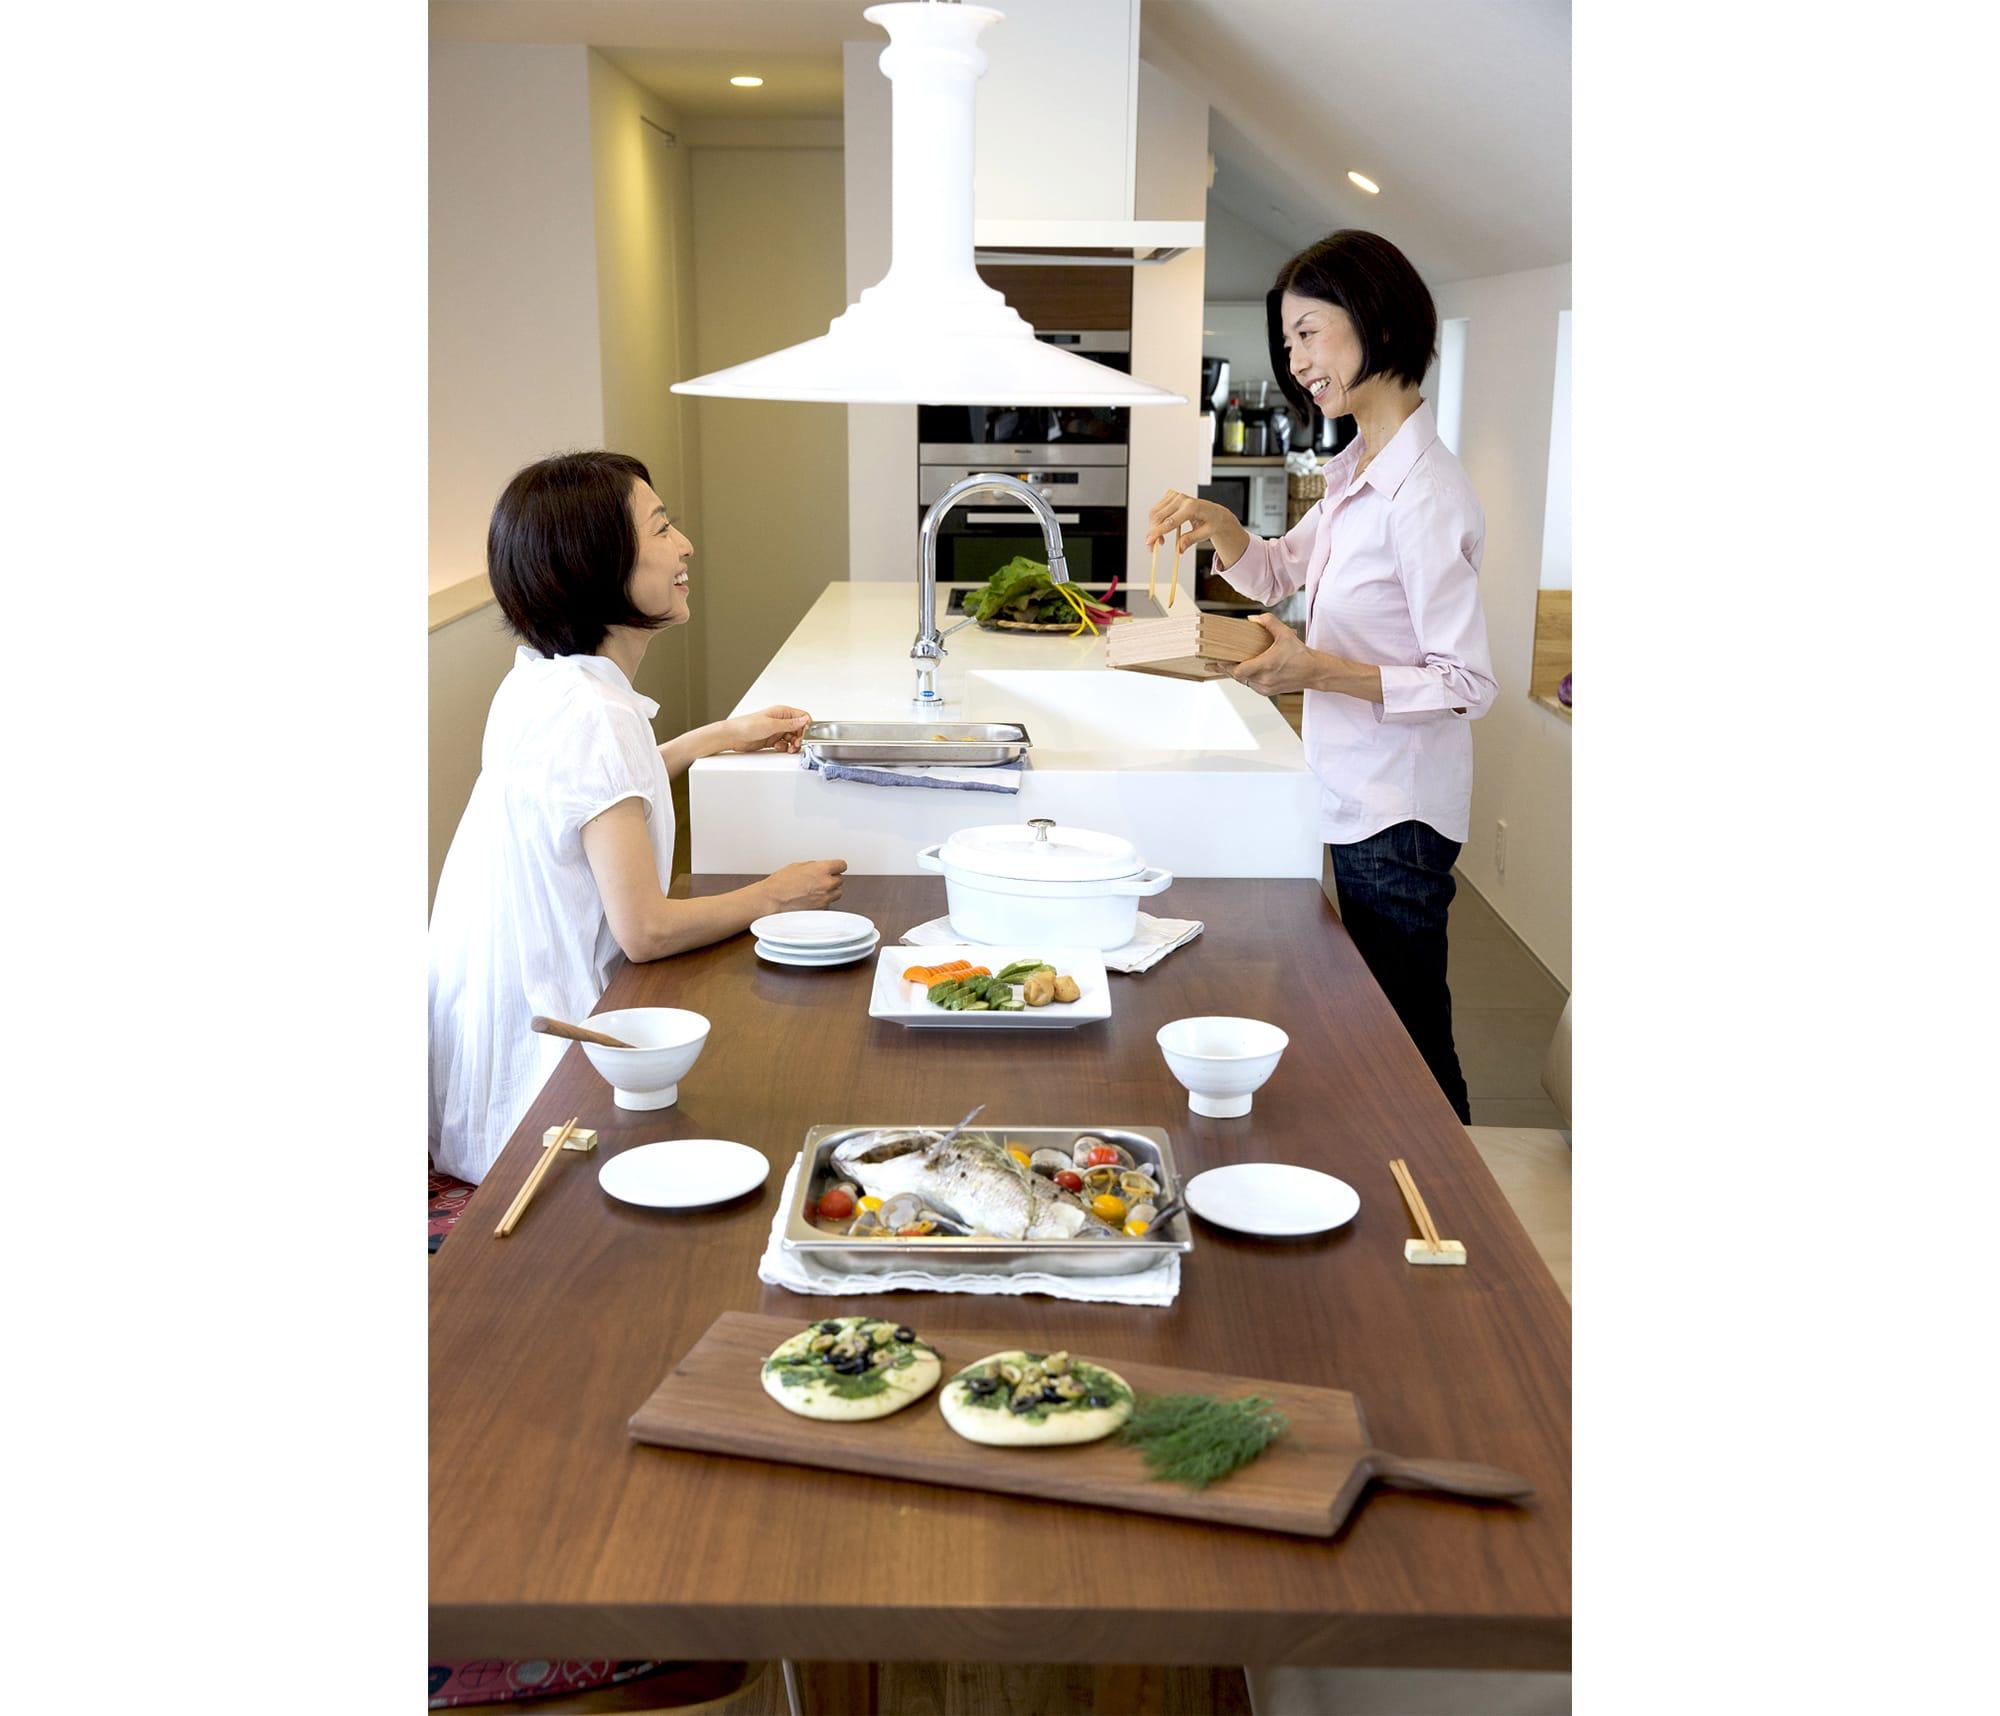 限られたスペースを生かしたキッチン。まるで家具のように美しいディテールのキッチンなら、ダイニングテーブルの延長線上においても違和感はない。 キッチン製作=リネアタラーラ  Photography by Takuya Neda